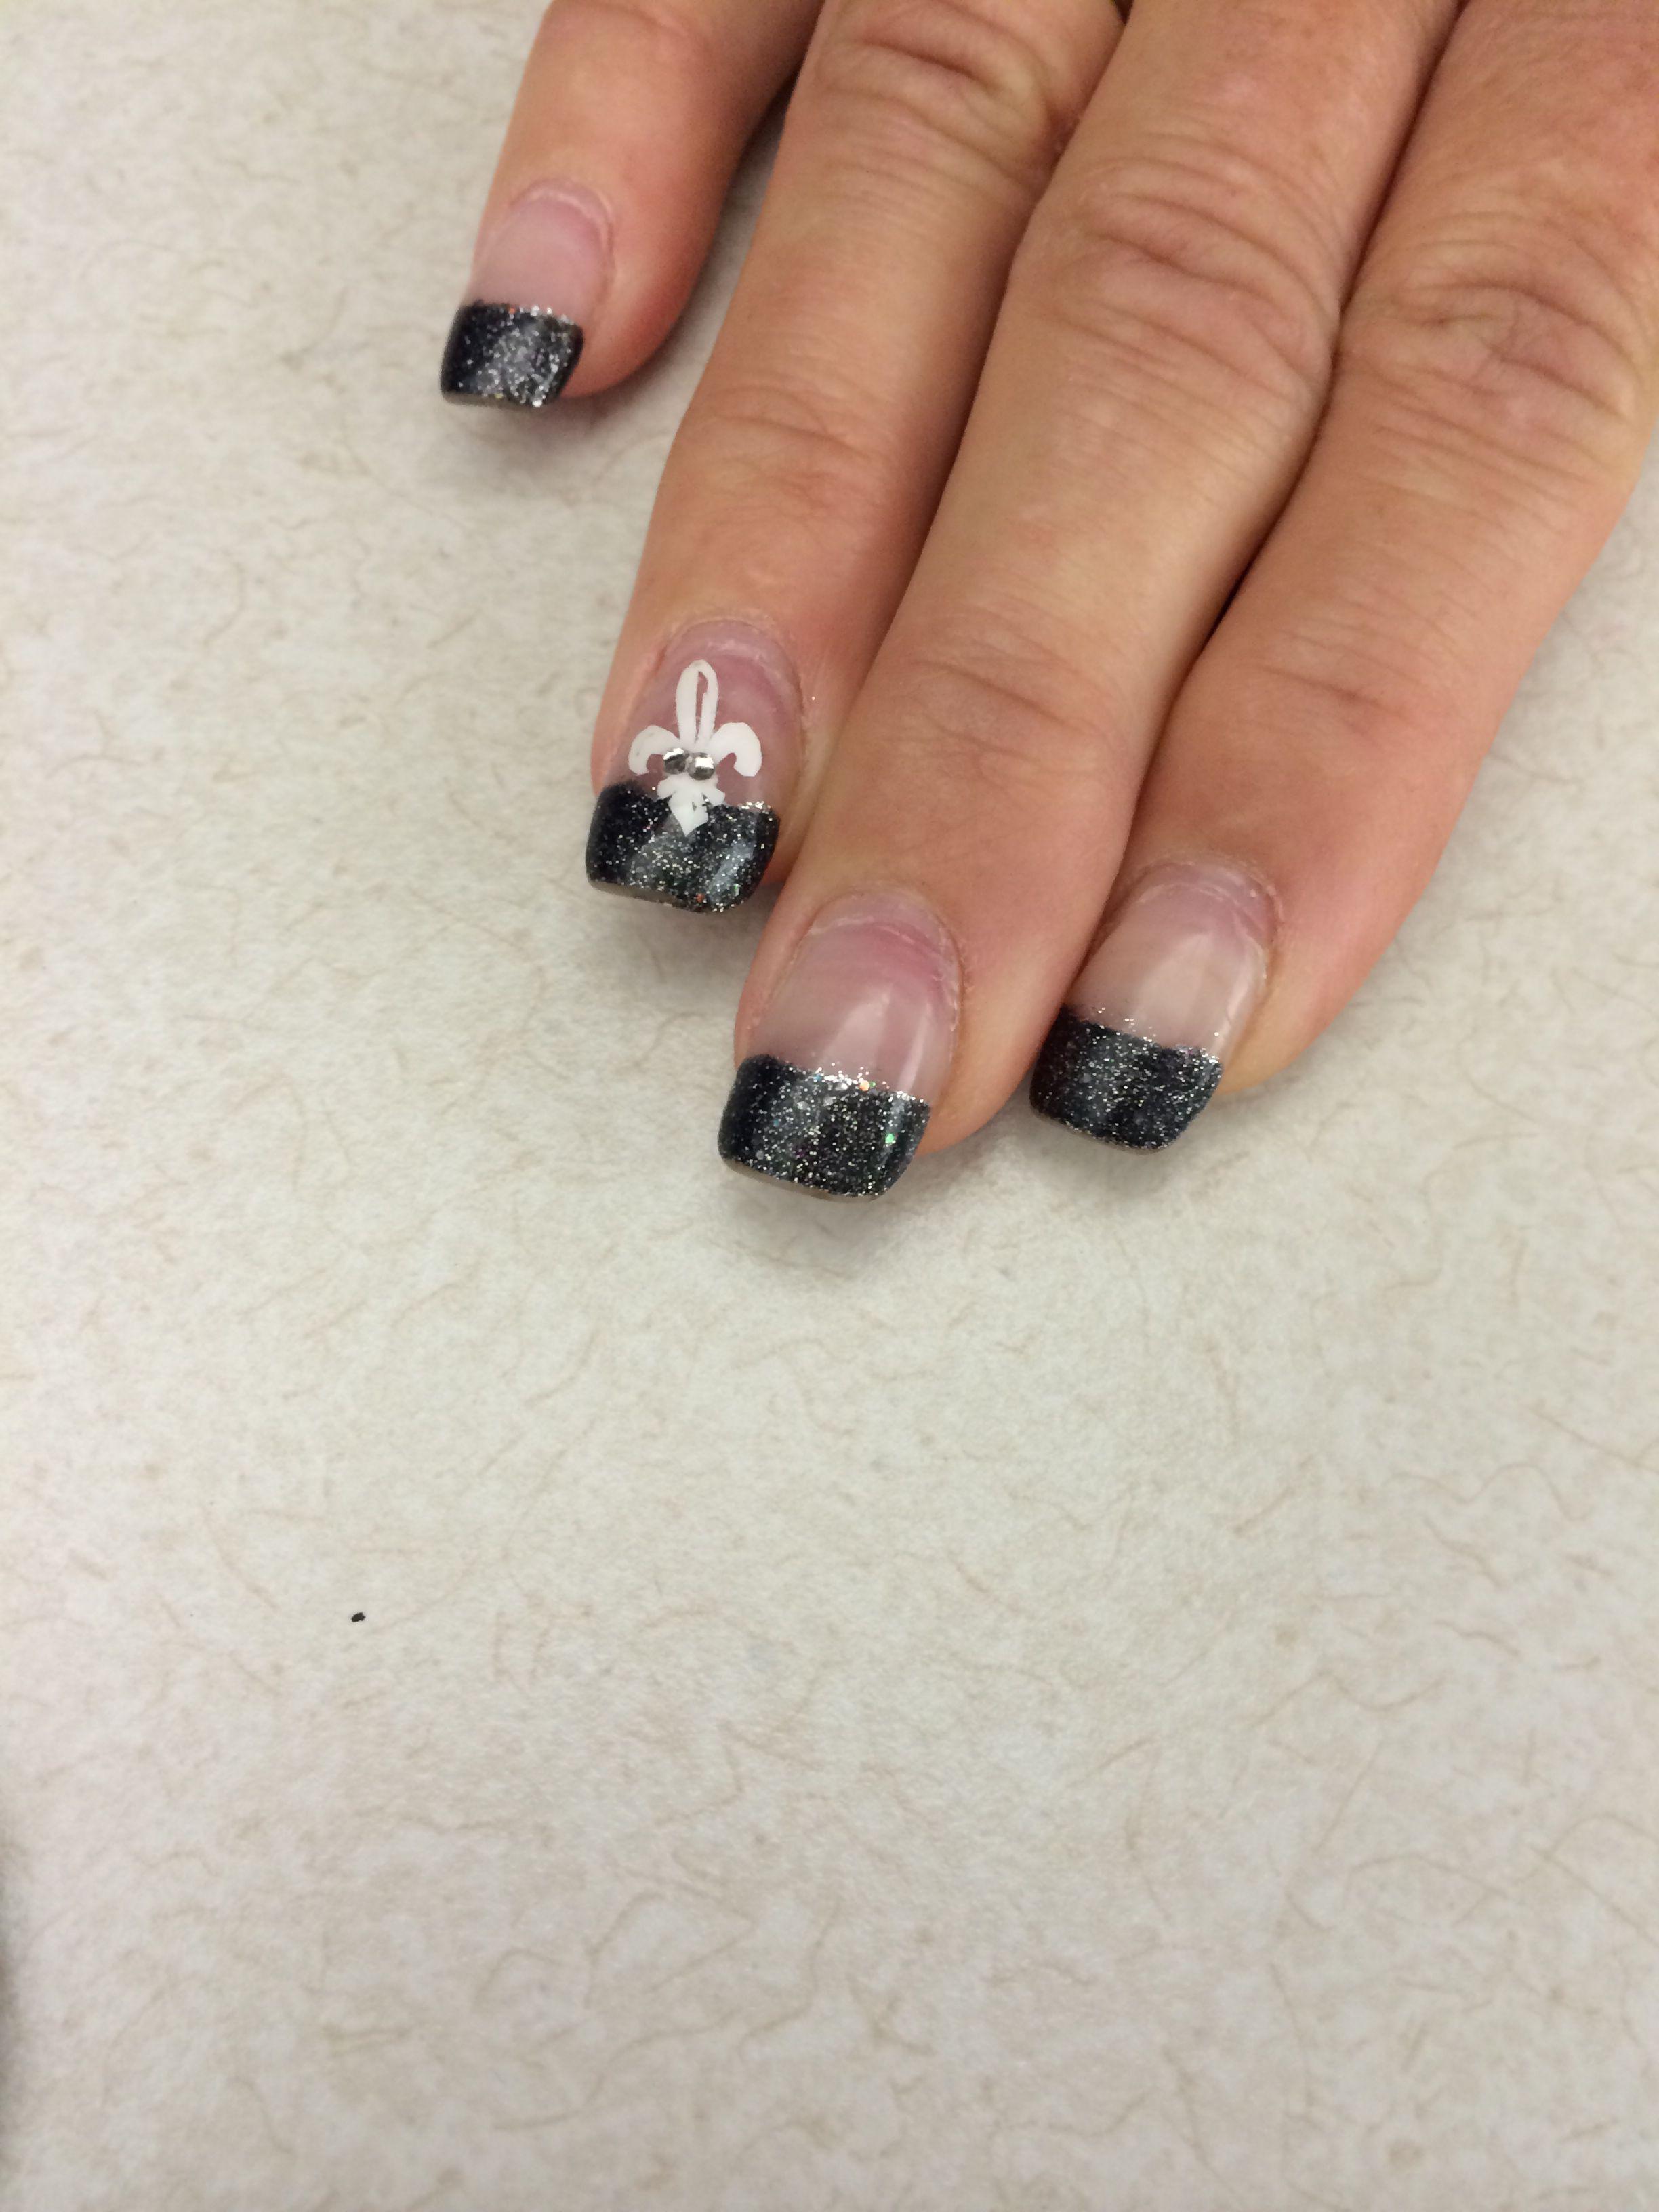 Fleurdelis nail art using cricut vinyl nail art